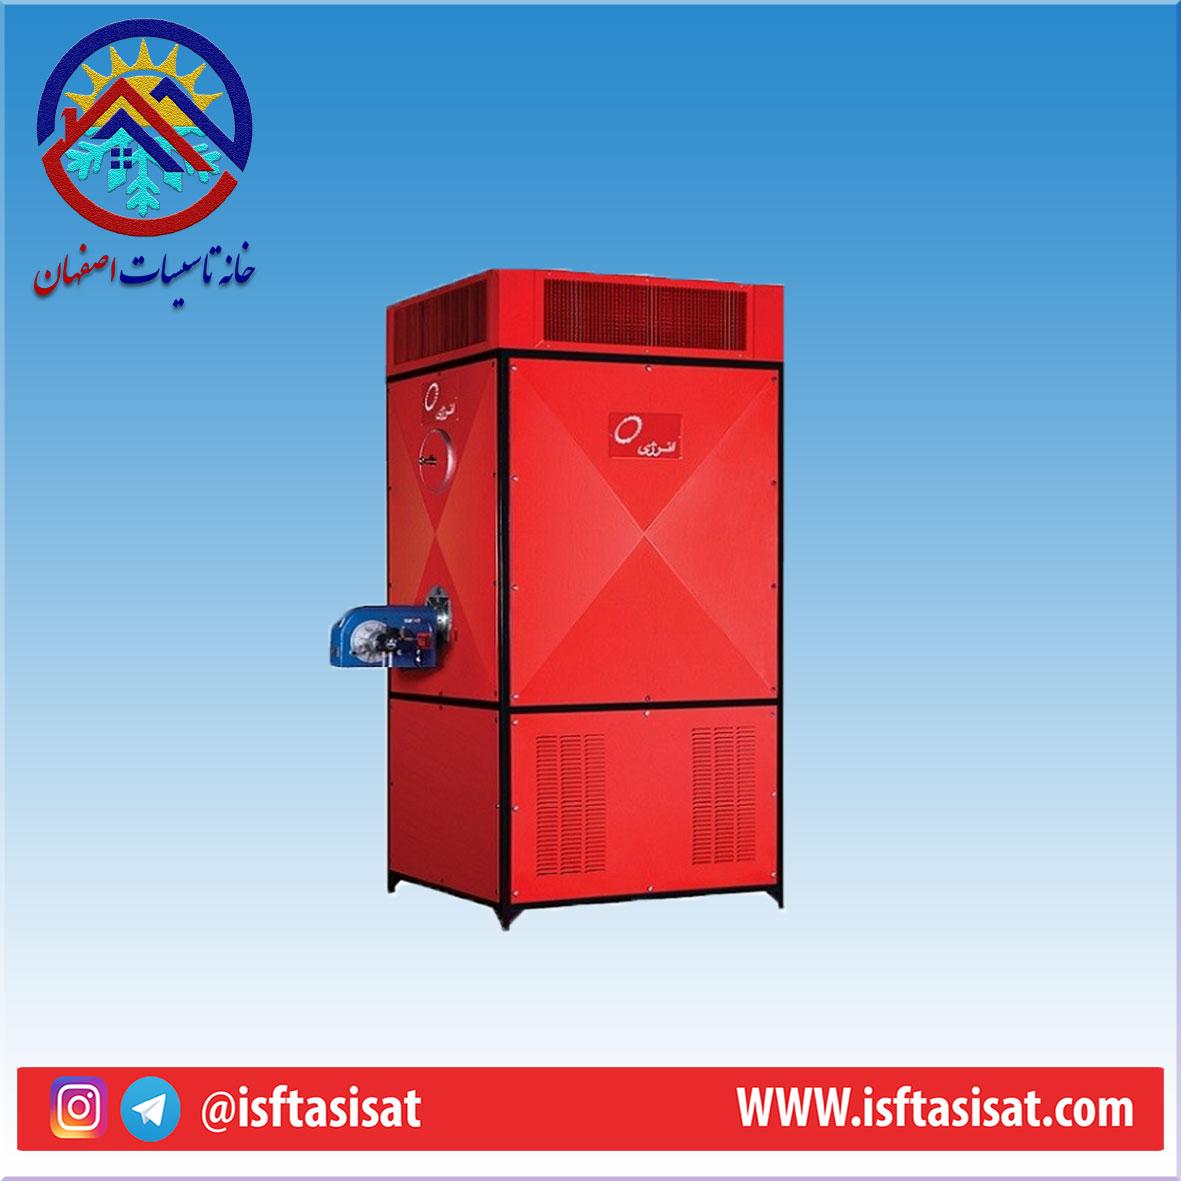 کوره هوای گرم انرژی | کوره هوای گرم | محصولات انرژی | خانه تاسیسات اصفهان